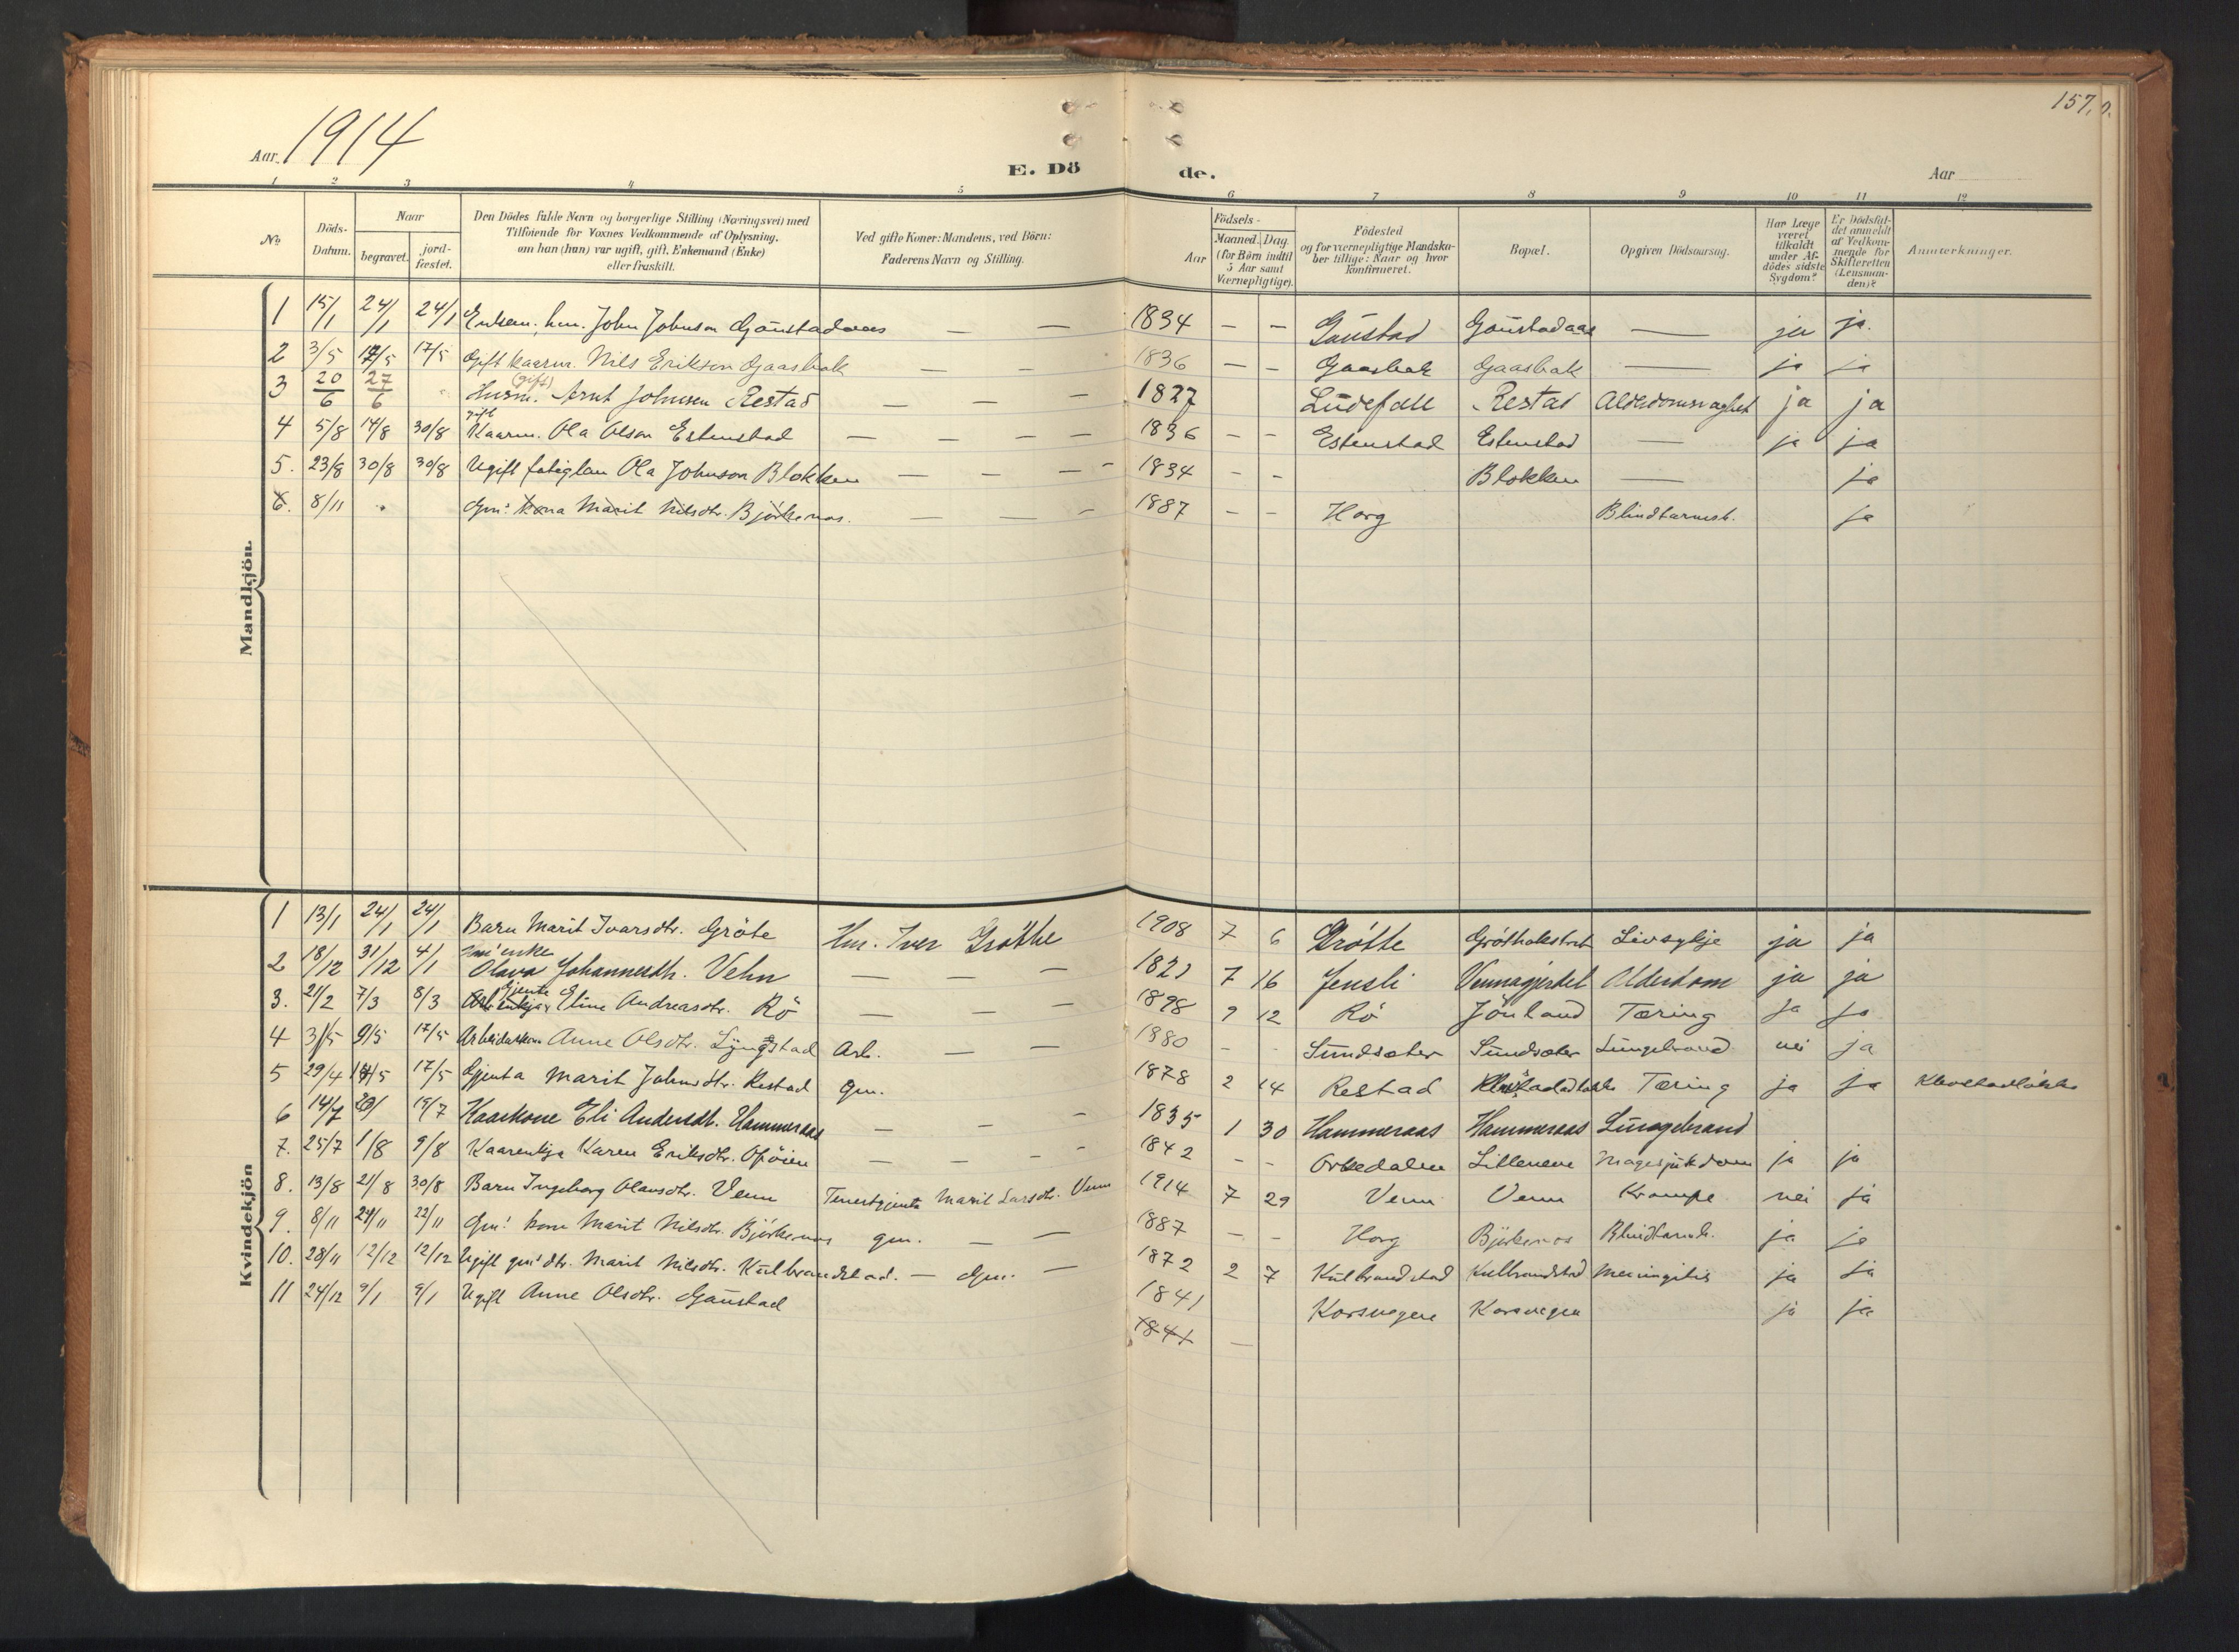 SAT, Ministerialprotokoller, klokkerbøker og fødselsregistre - Sør-Trøndelag, 694/L1128: Ministerialbok nr. 694A02, 1906-1931, s. 157